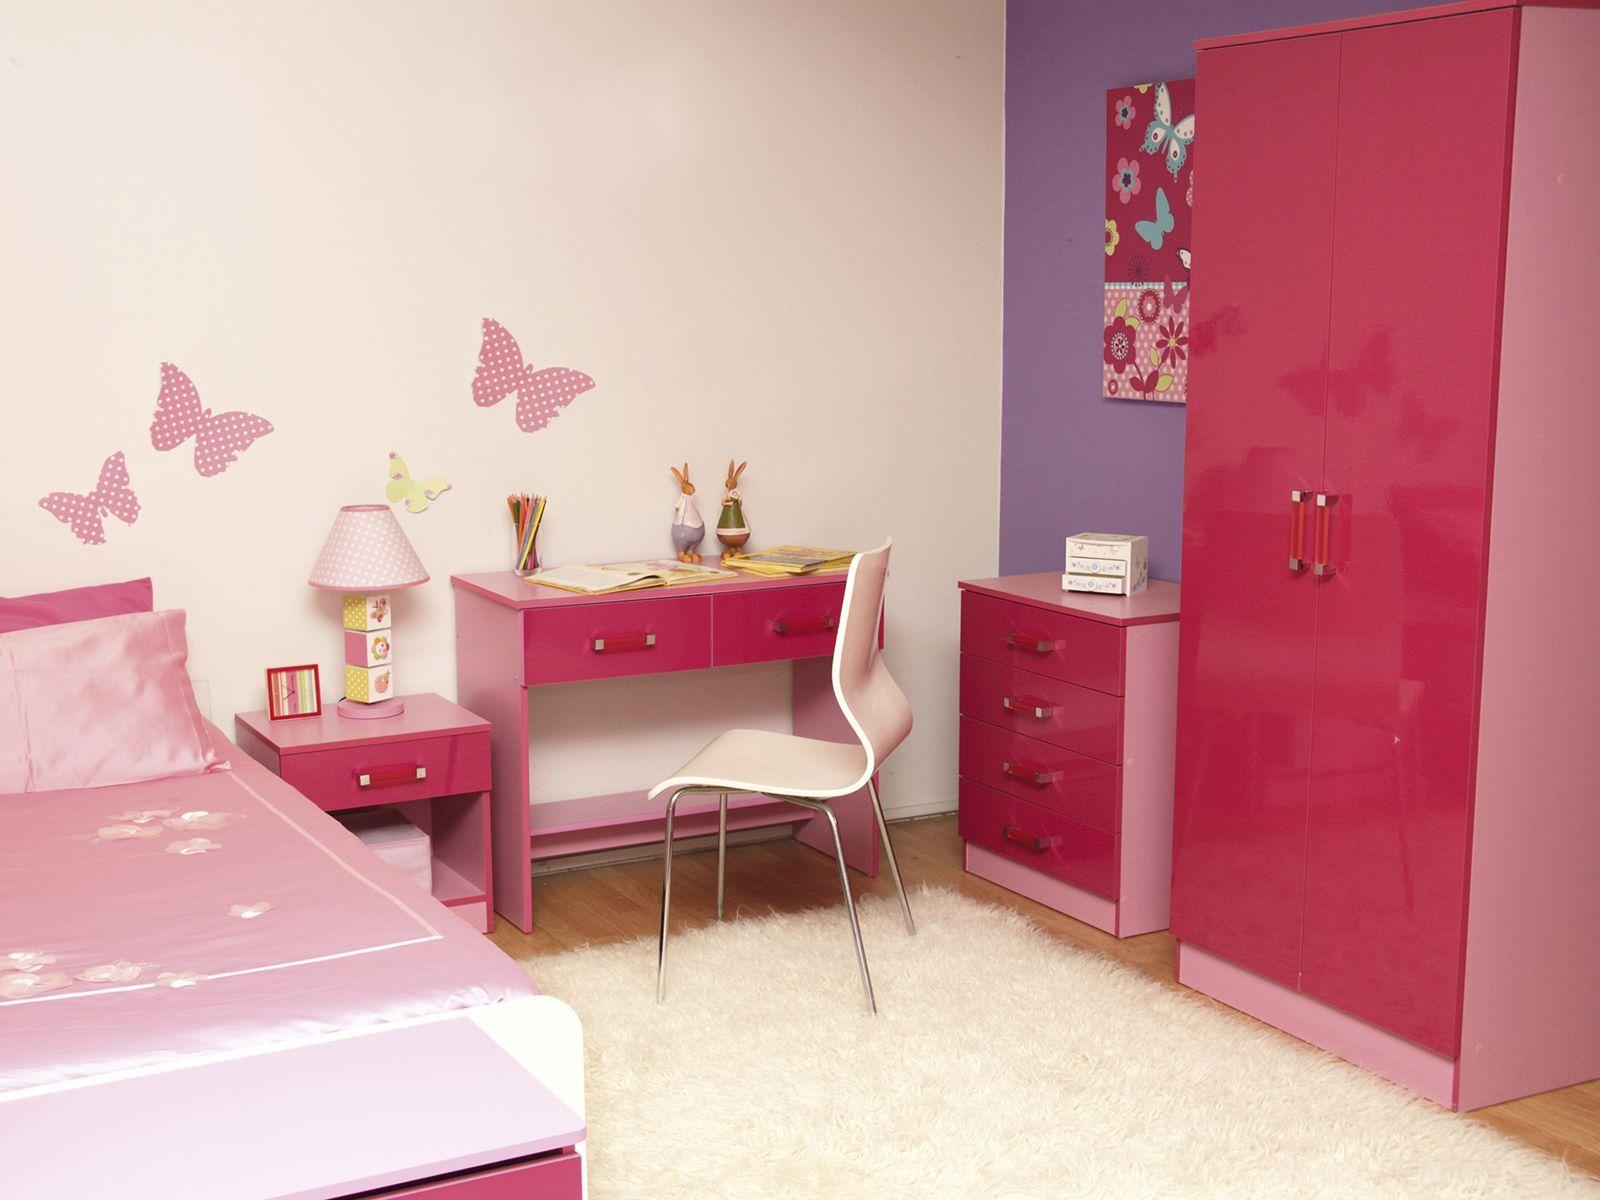 Rosa Teppiche Für Schlafzimmer Schlafzimmer set, Rosa